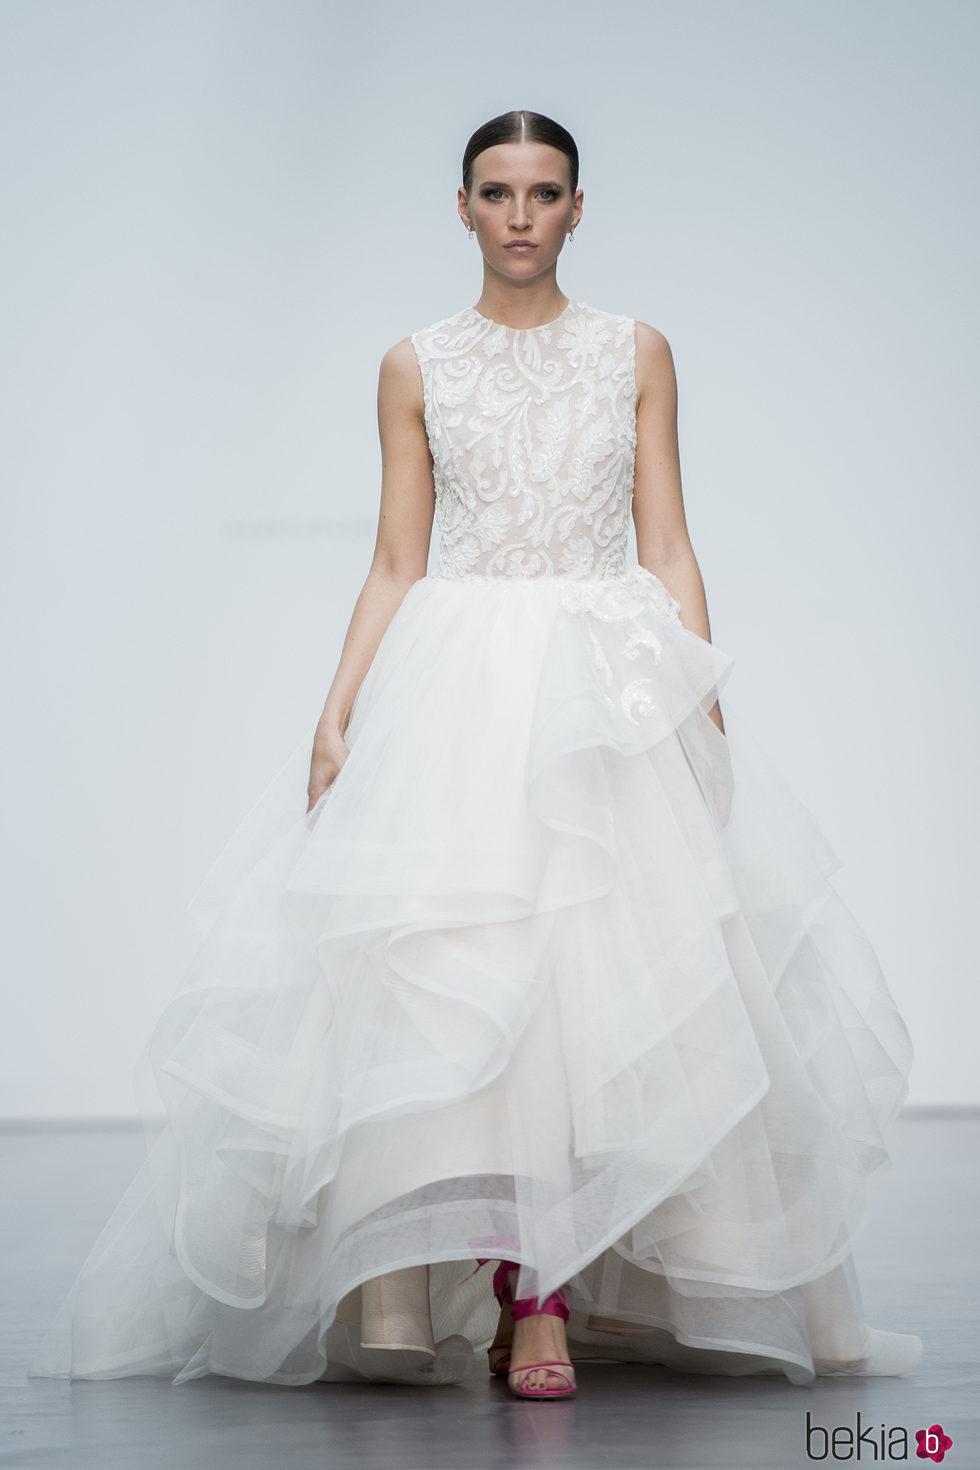 Vestido con volantes de Hannibal Laguna en la Madrid Bridal Week 2017